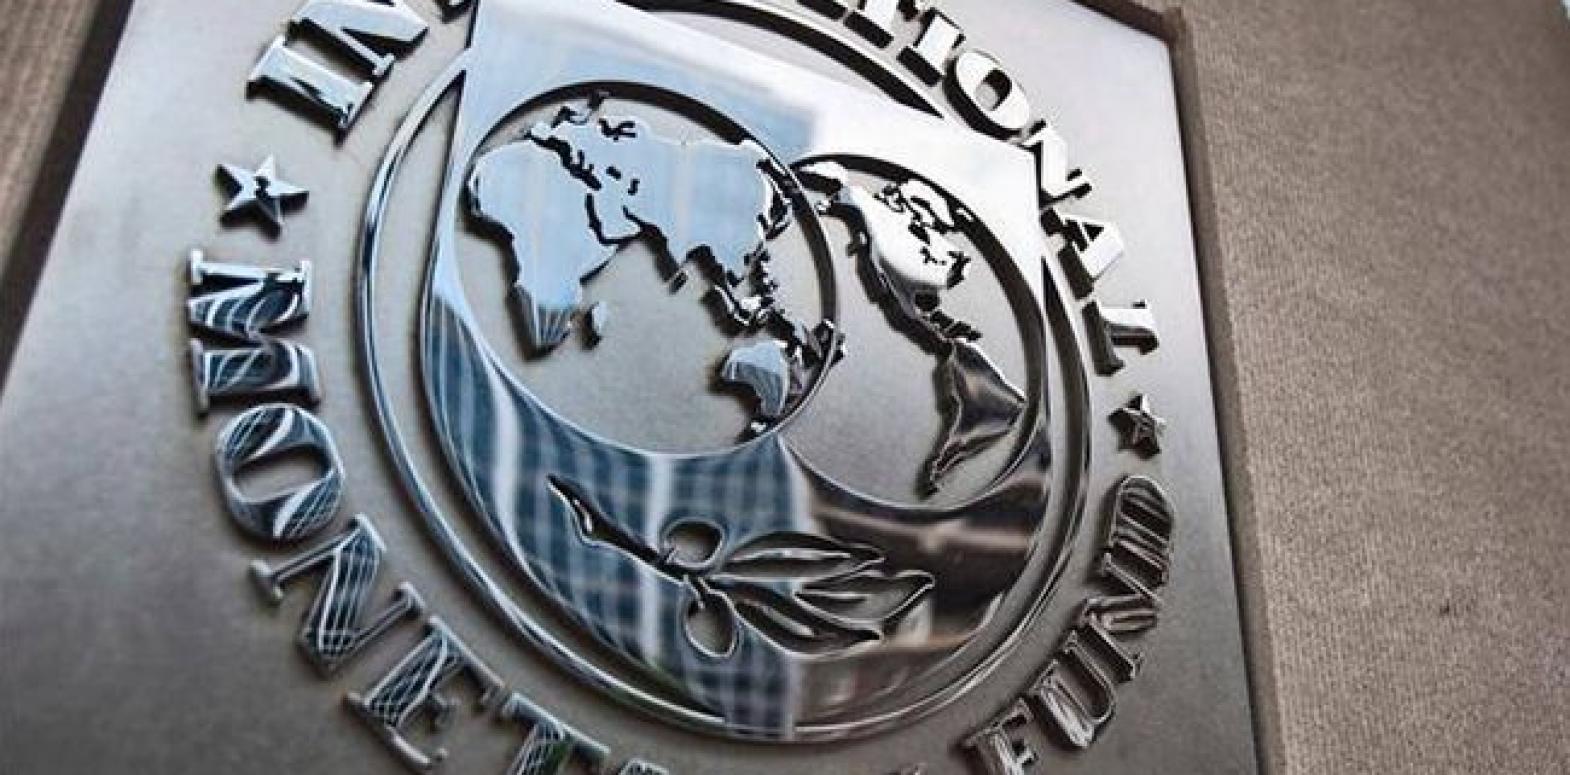 МВФ посчитал курс американского доллара значительно завышенным